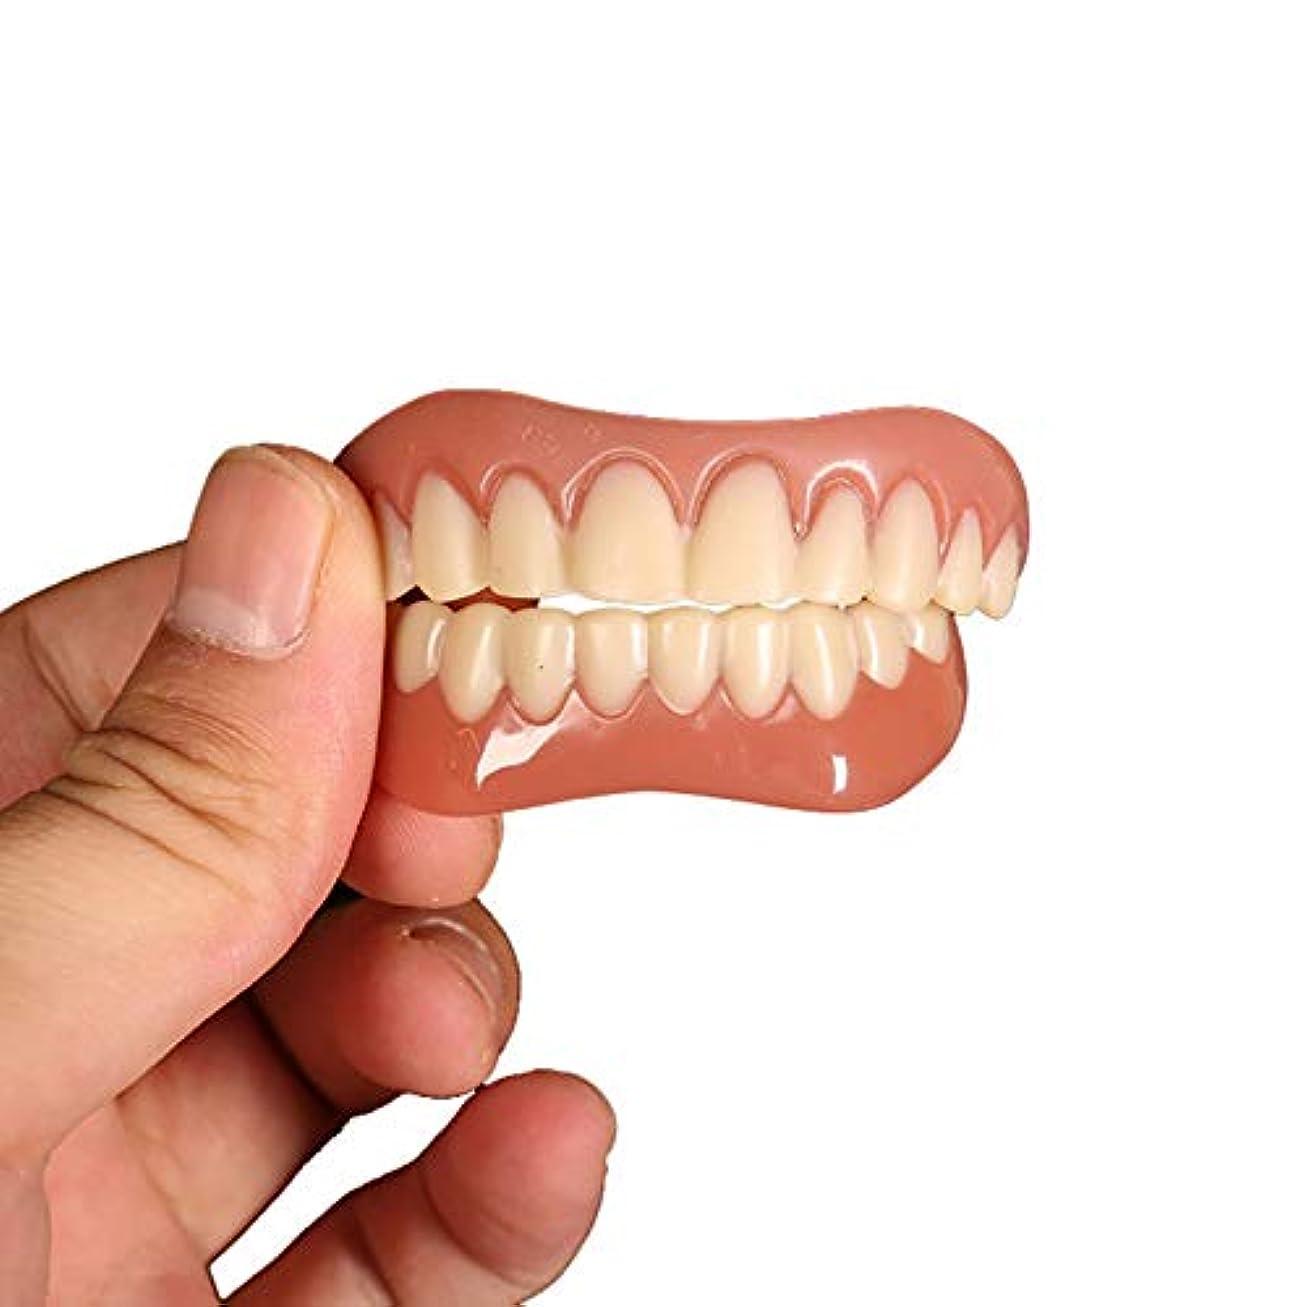 むしろ酒検索エンジンマーケティング2対歯科用ベニア快適なフィット歯のトップとボトム化粧品のベニヤワンサイズフィットすべての義歯接着剤歯偽義歯歯笑顔